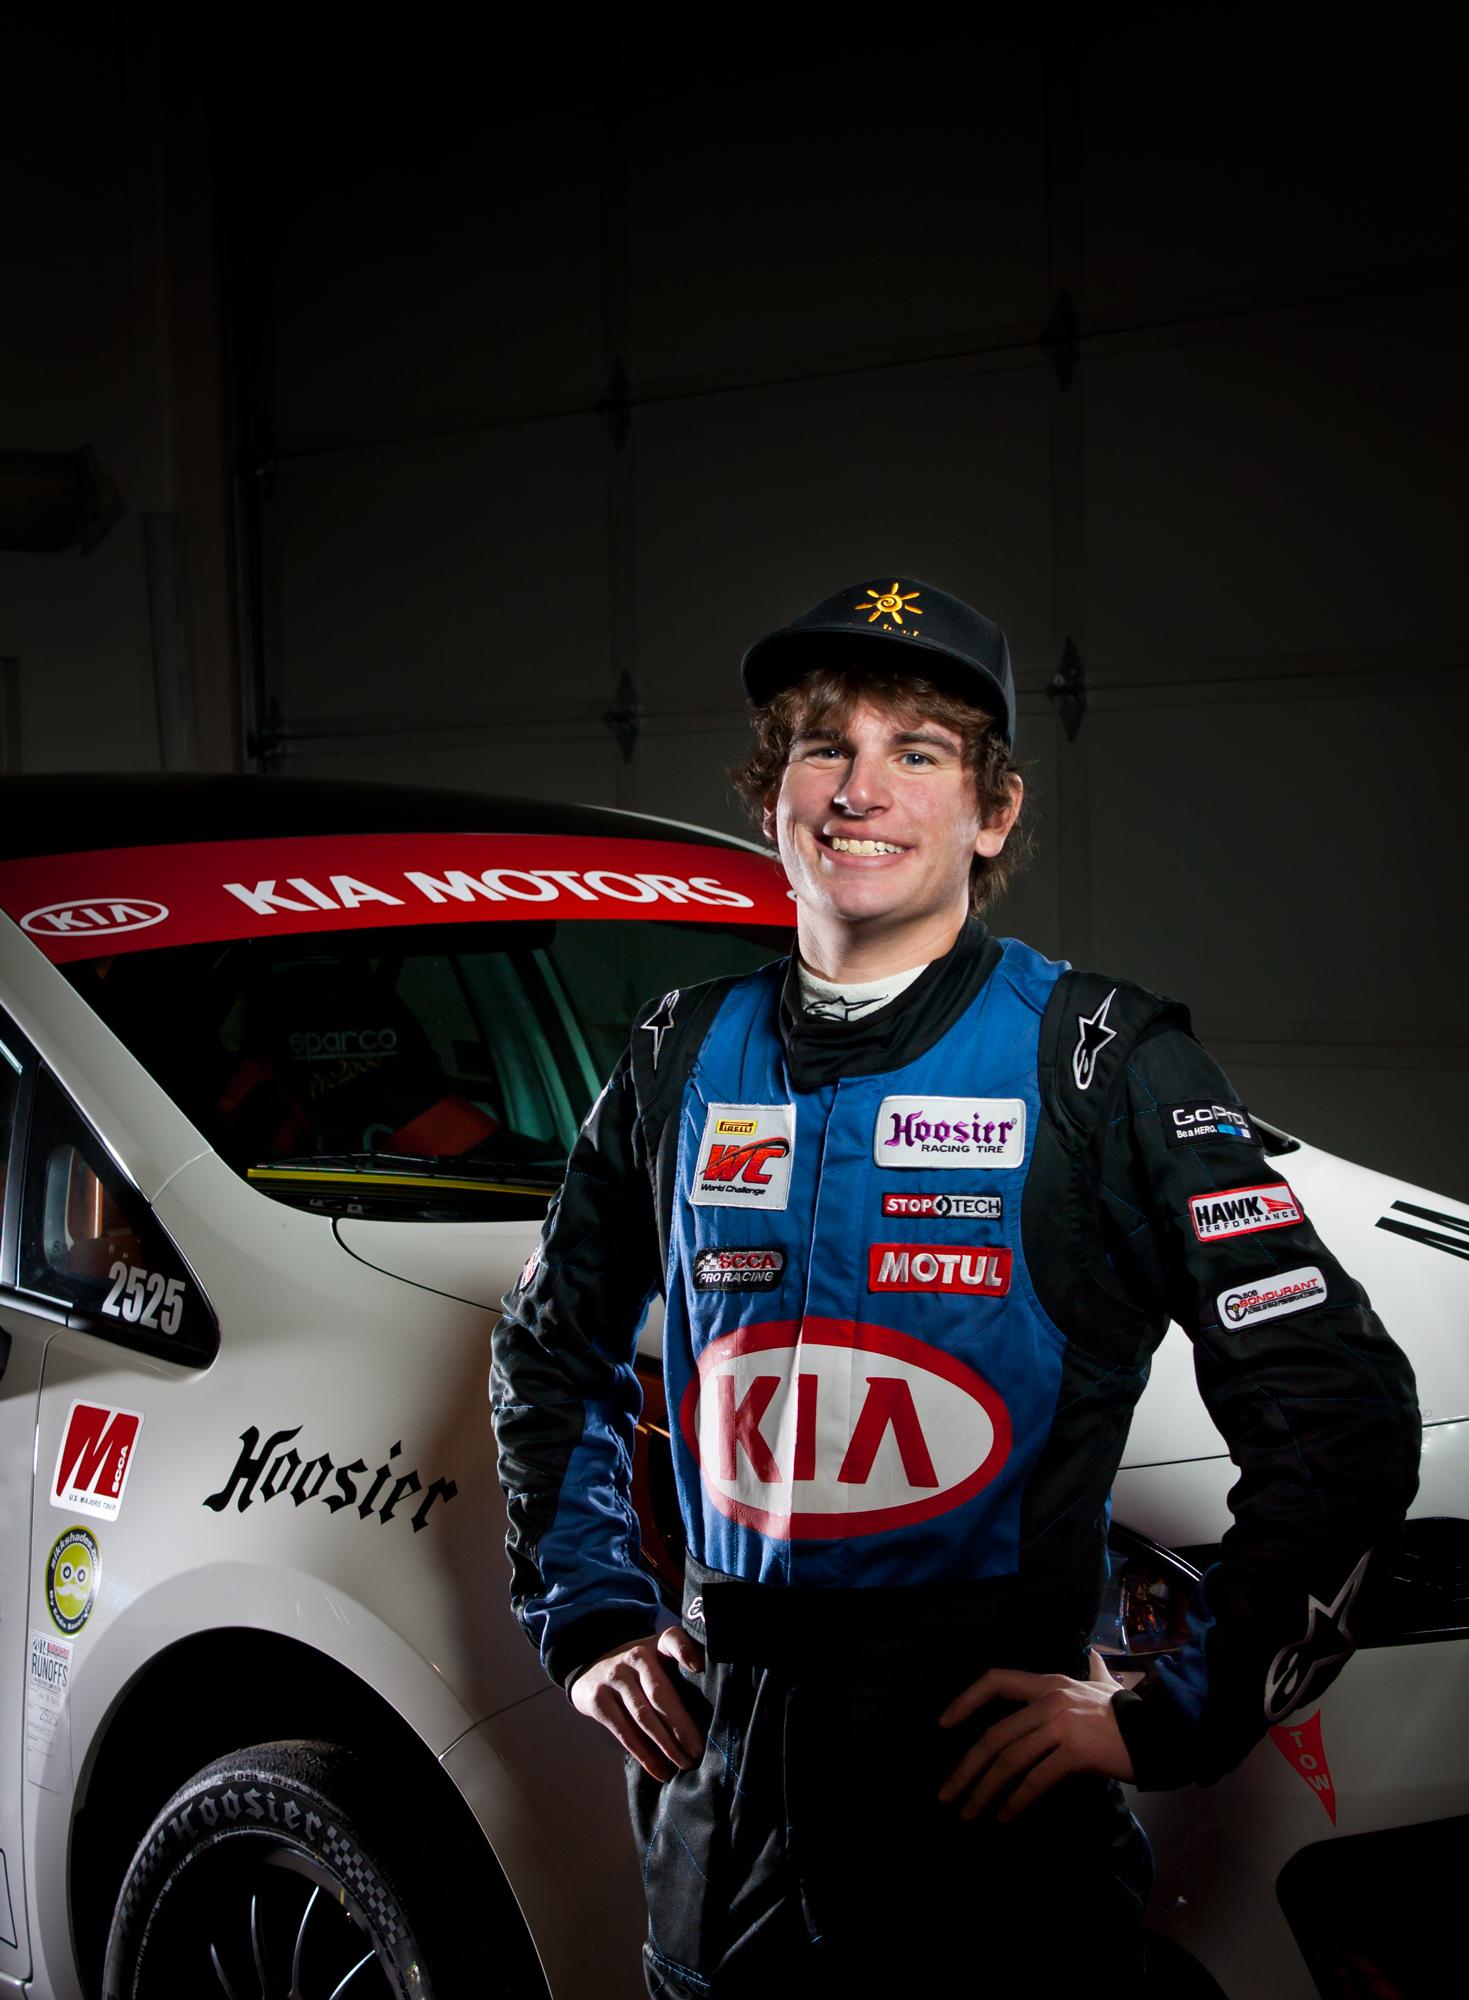 Kyle-Racing_1